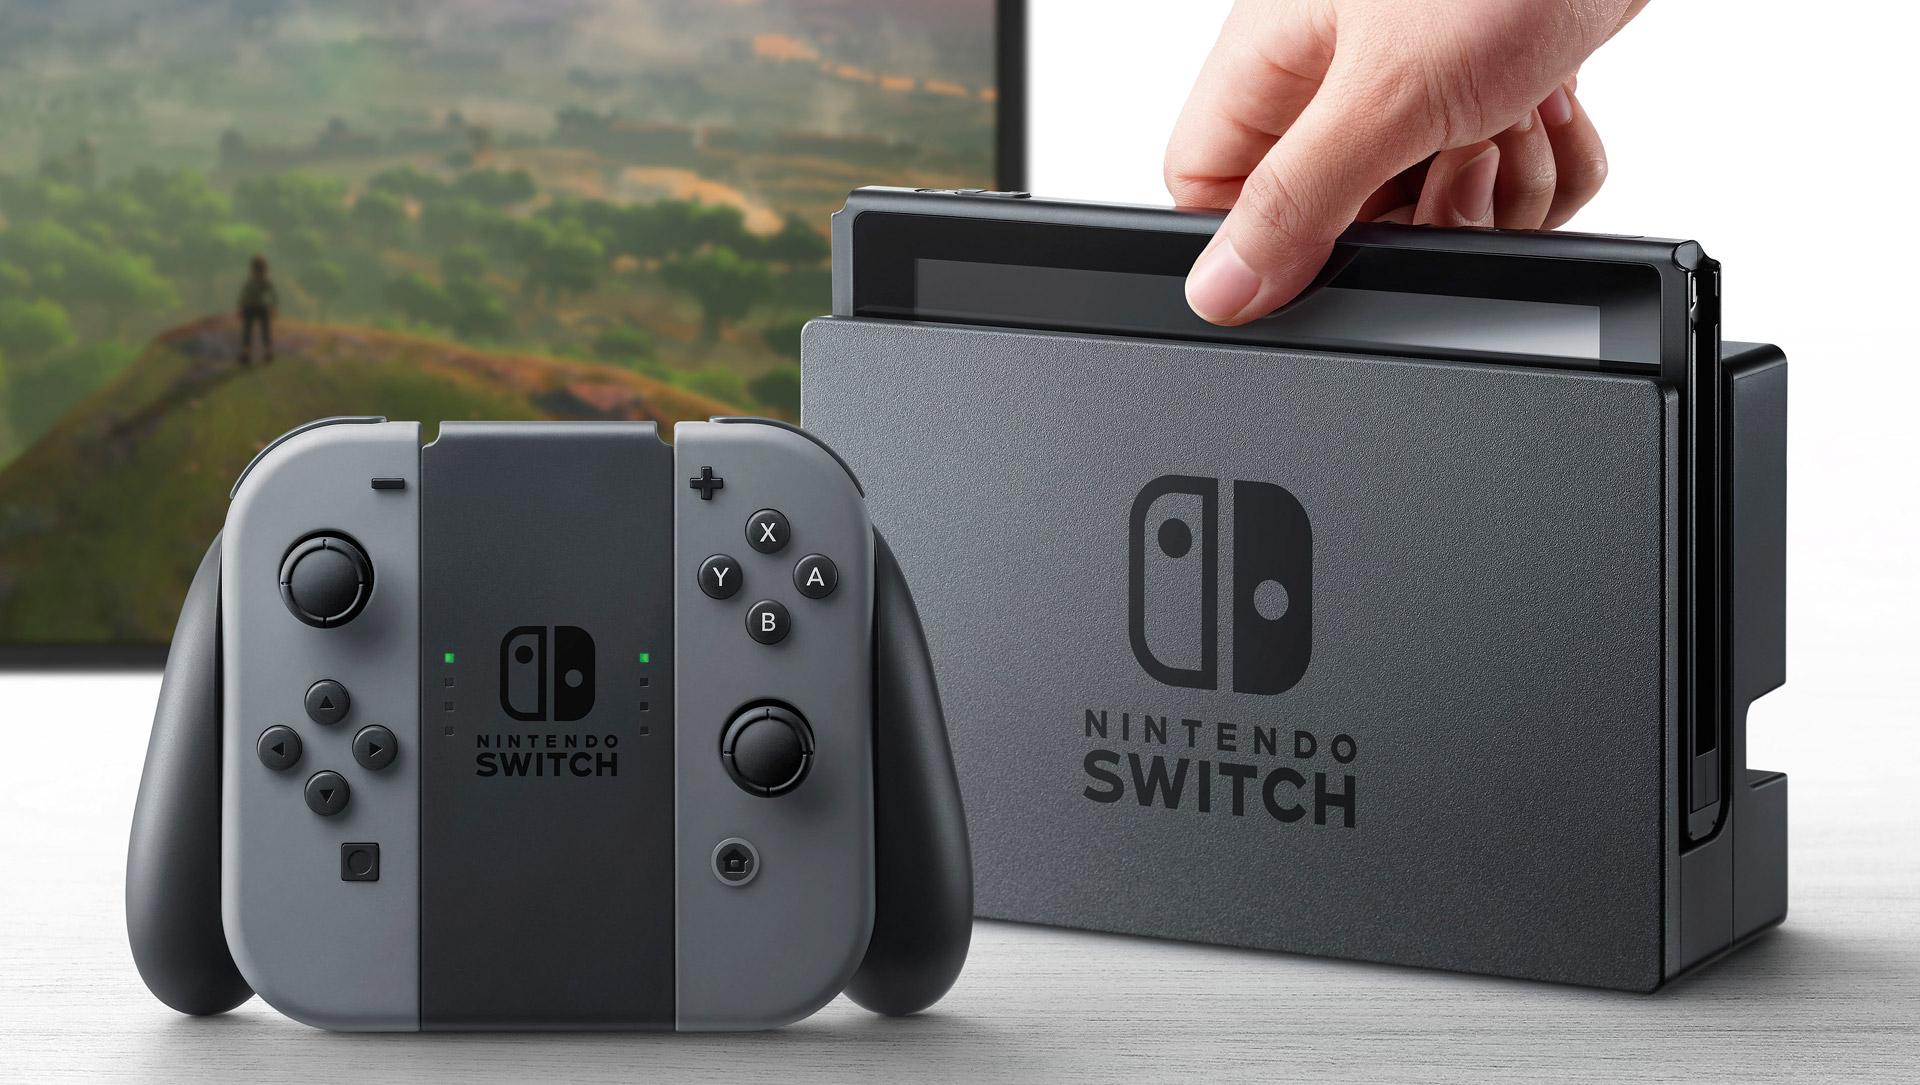 [Rumor] Nintendo Switch dock aggiuntivi disponibili solo dopo il lancio